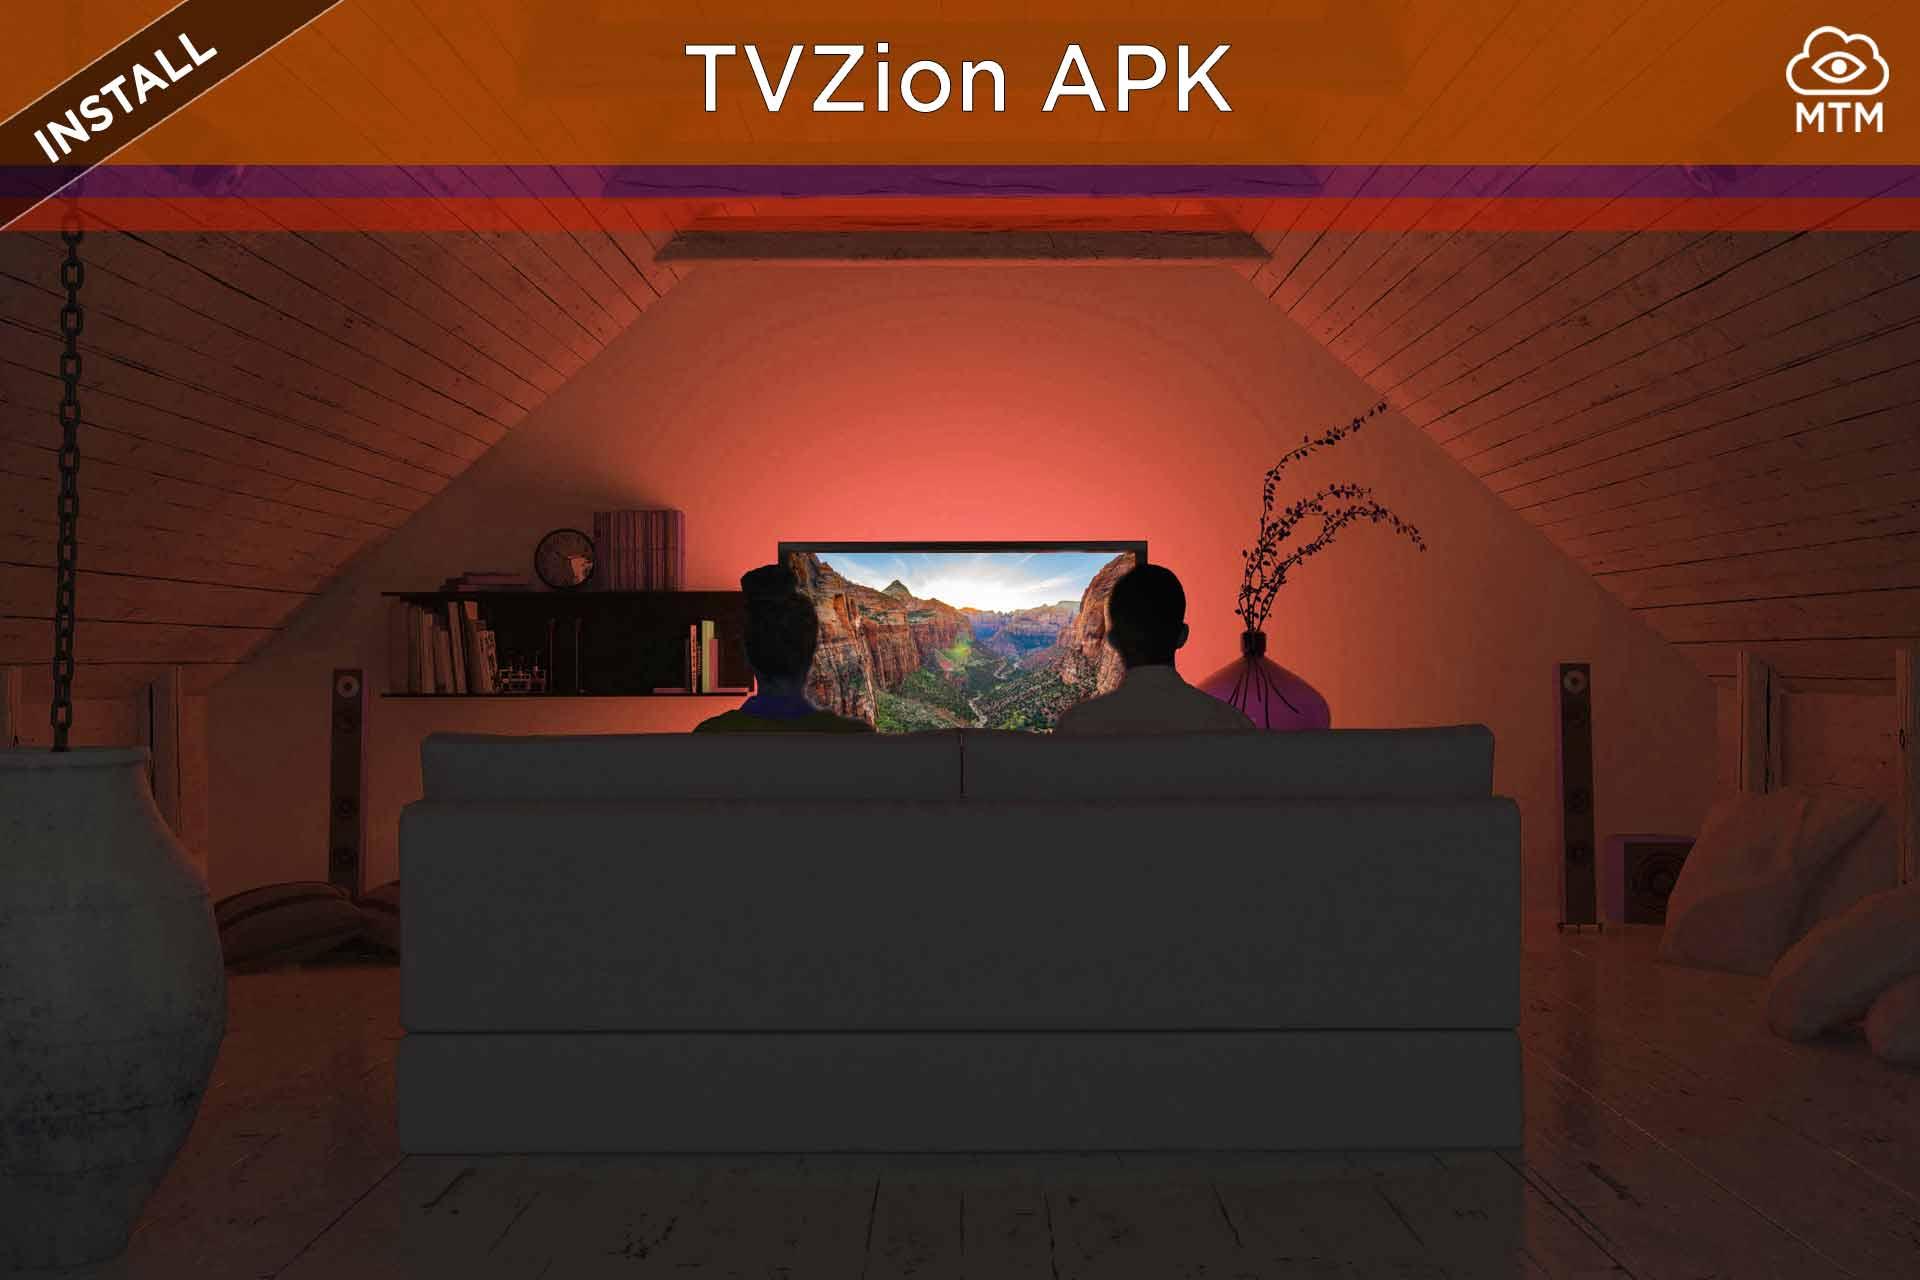 Deskargatu eta instalatu TVZion APK Doako Android Streaming aplikazioa Firestick-en